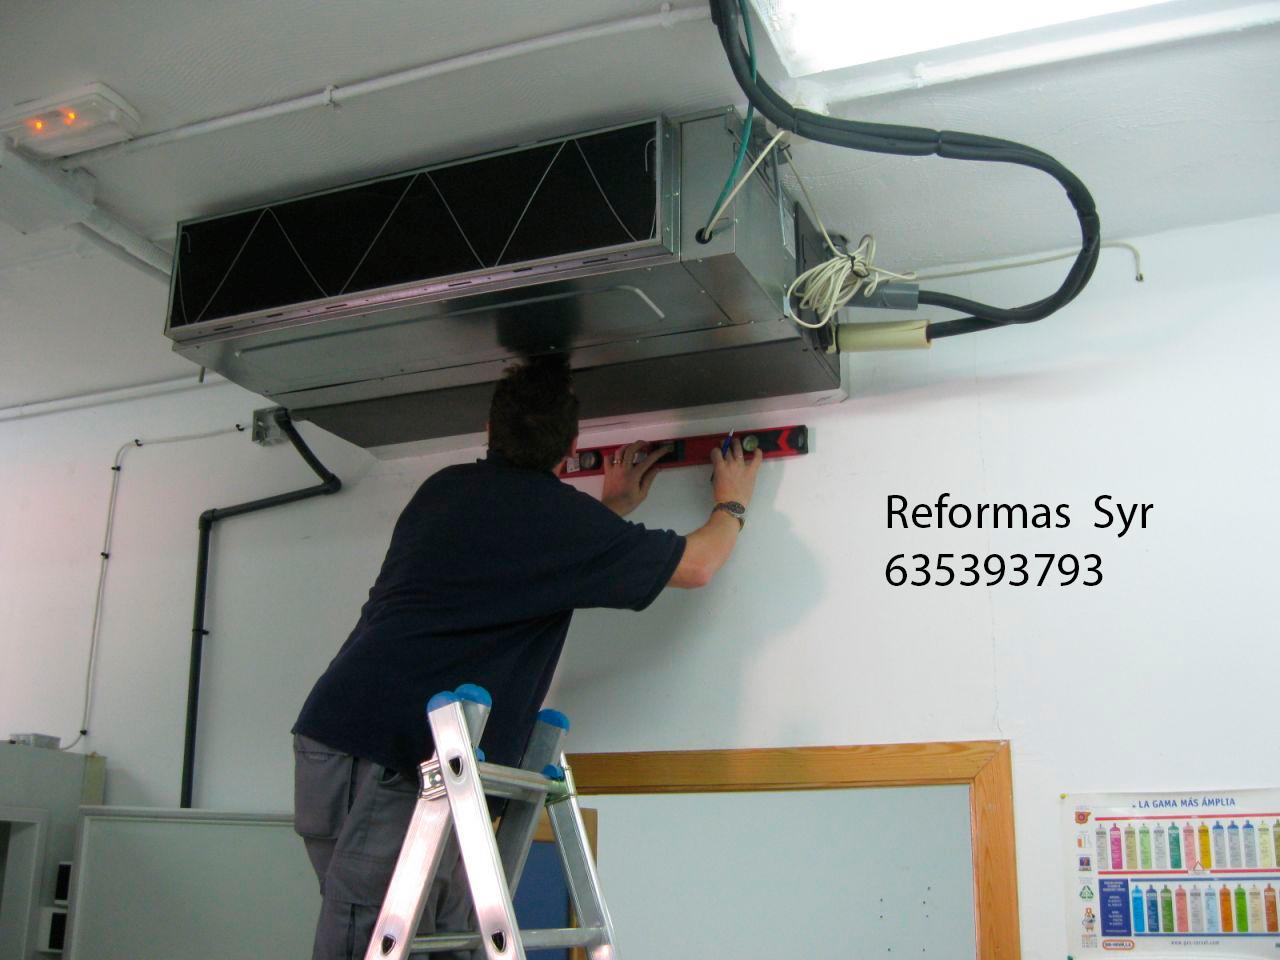 Reformas zaragoza empresa reformas zaragoza reformas syr reformas en zaragoza reformas - Tumanitas ultimos trabajos ...